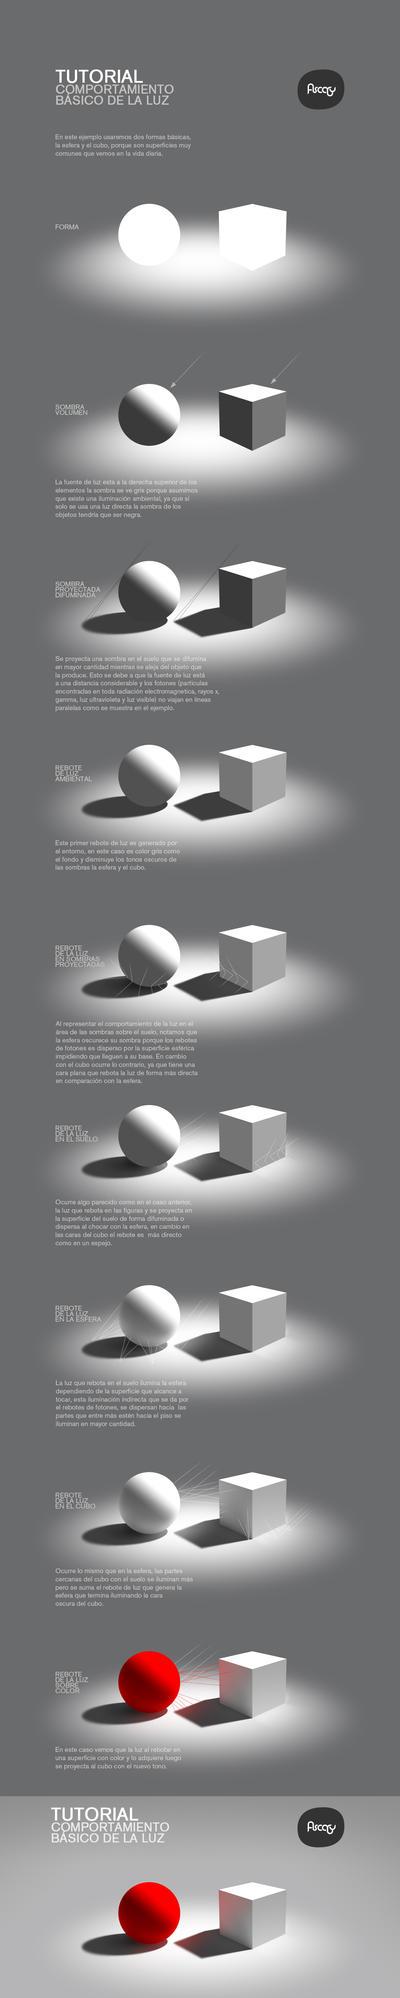 tutorial basico de luz by hikaruga